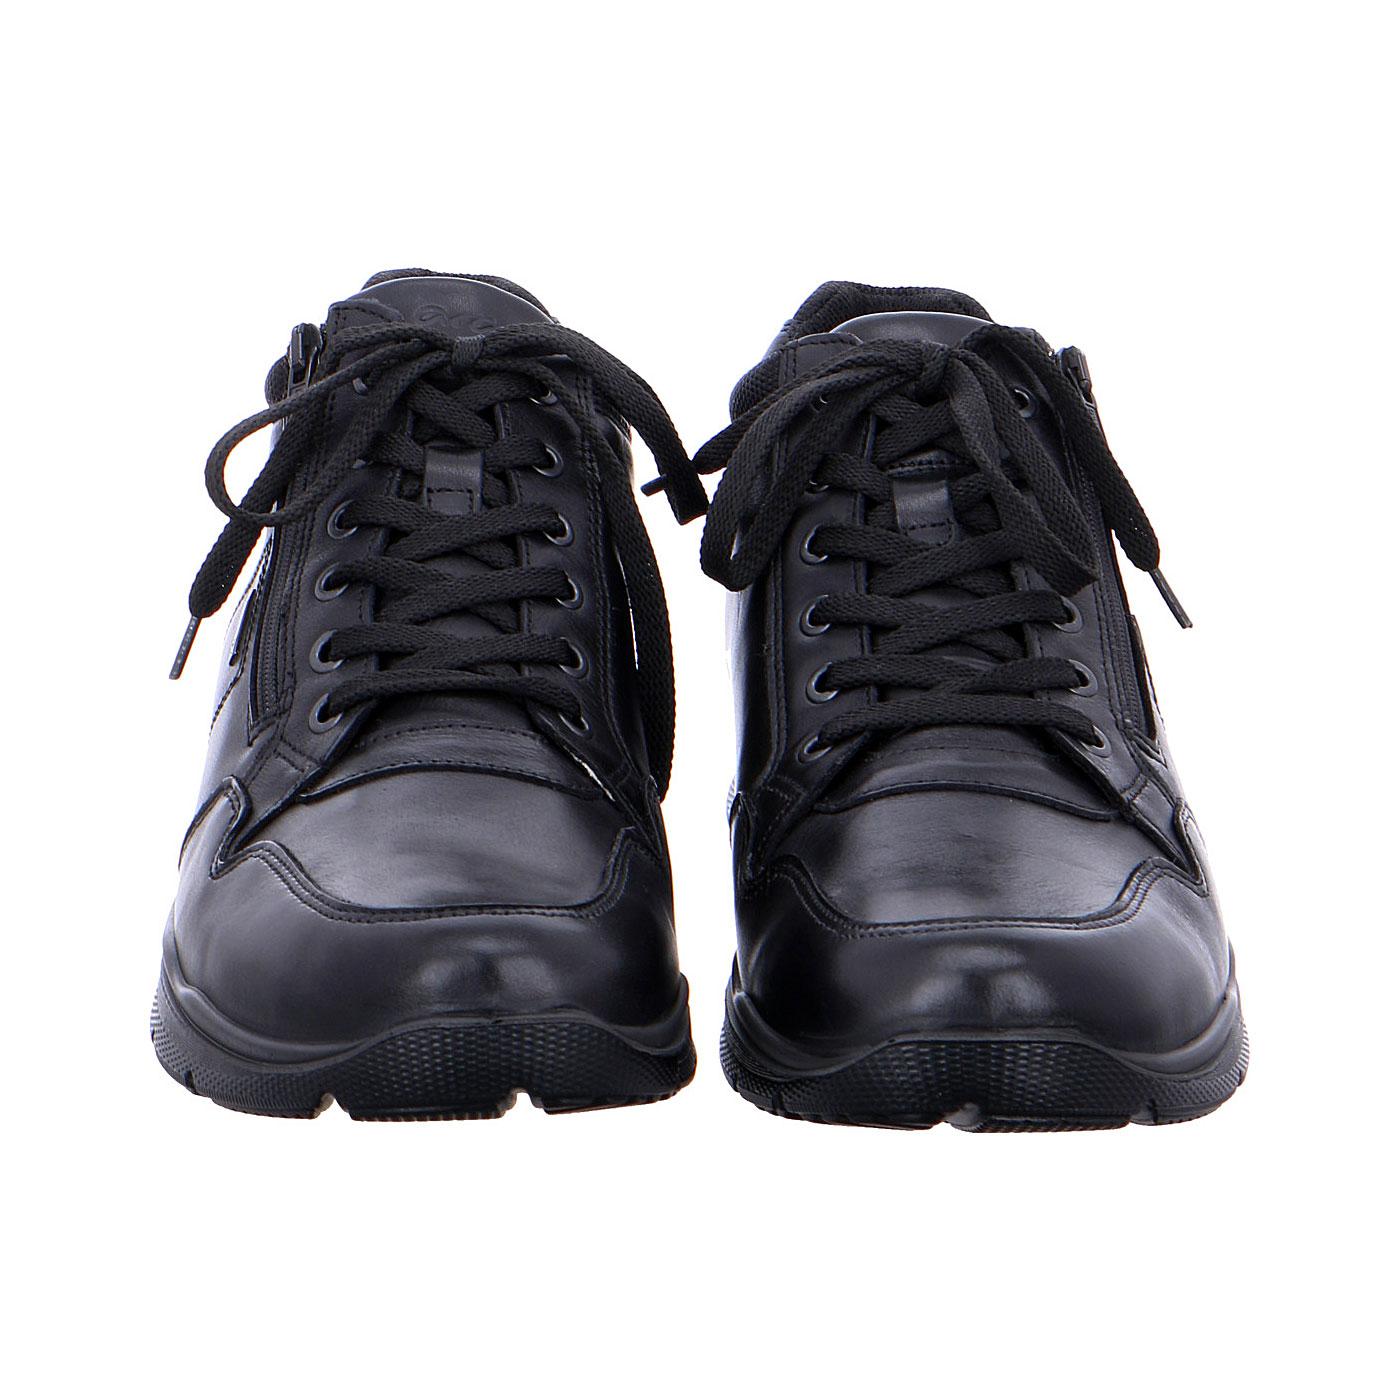 Мъжки спортни обувки от ест. кожа с Gore-Tex мембрана ara 11-24608-01 - снимка 5